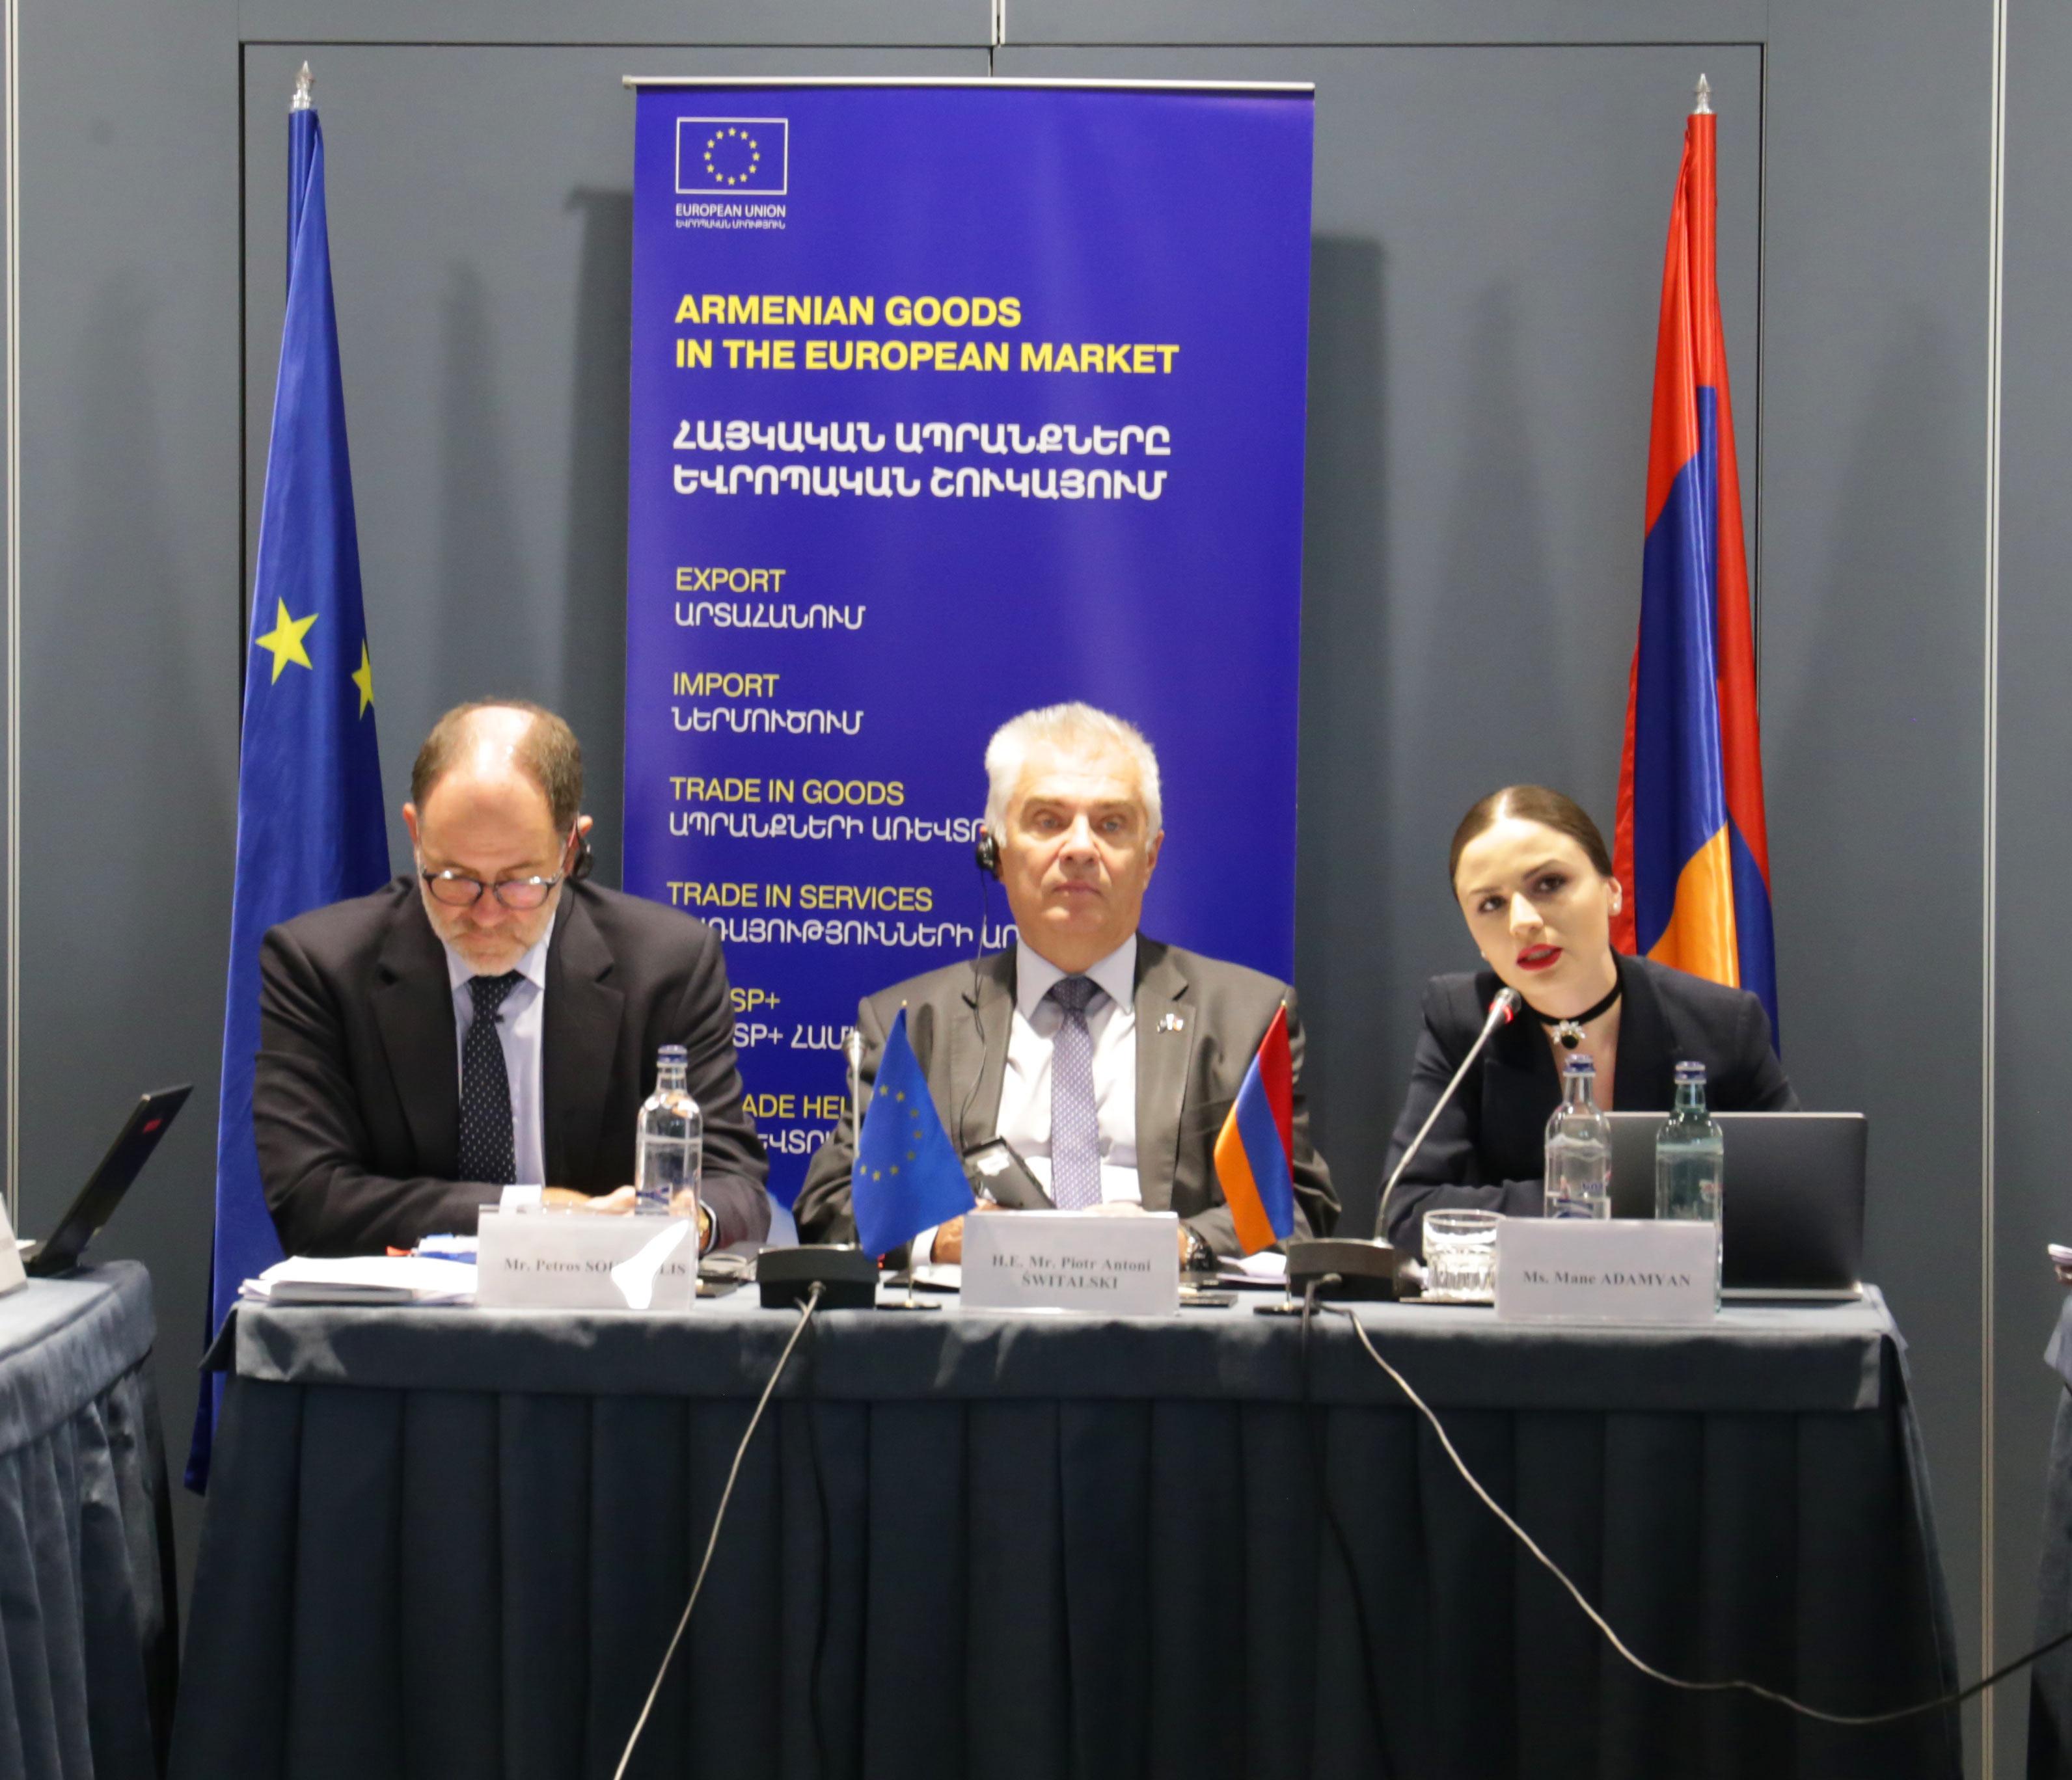 Երևանում կայացավ ԵՄ-Հայաստան Գործընկերության կոմիտեի առևտրի հարցերով անդրանիկ նիստը